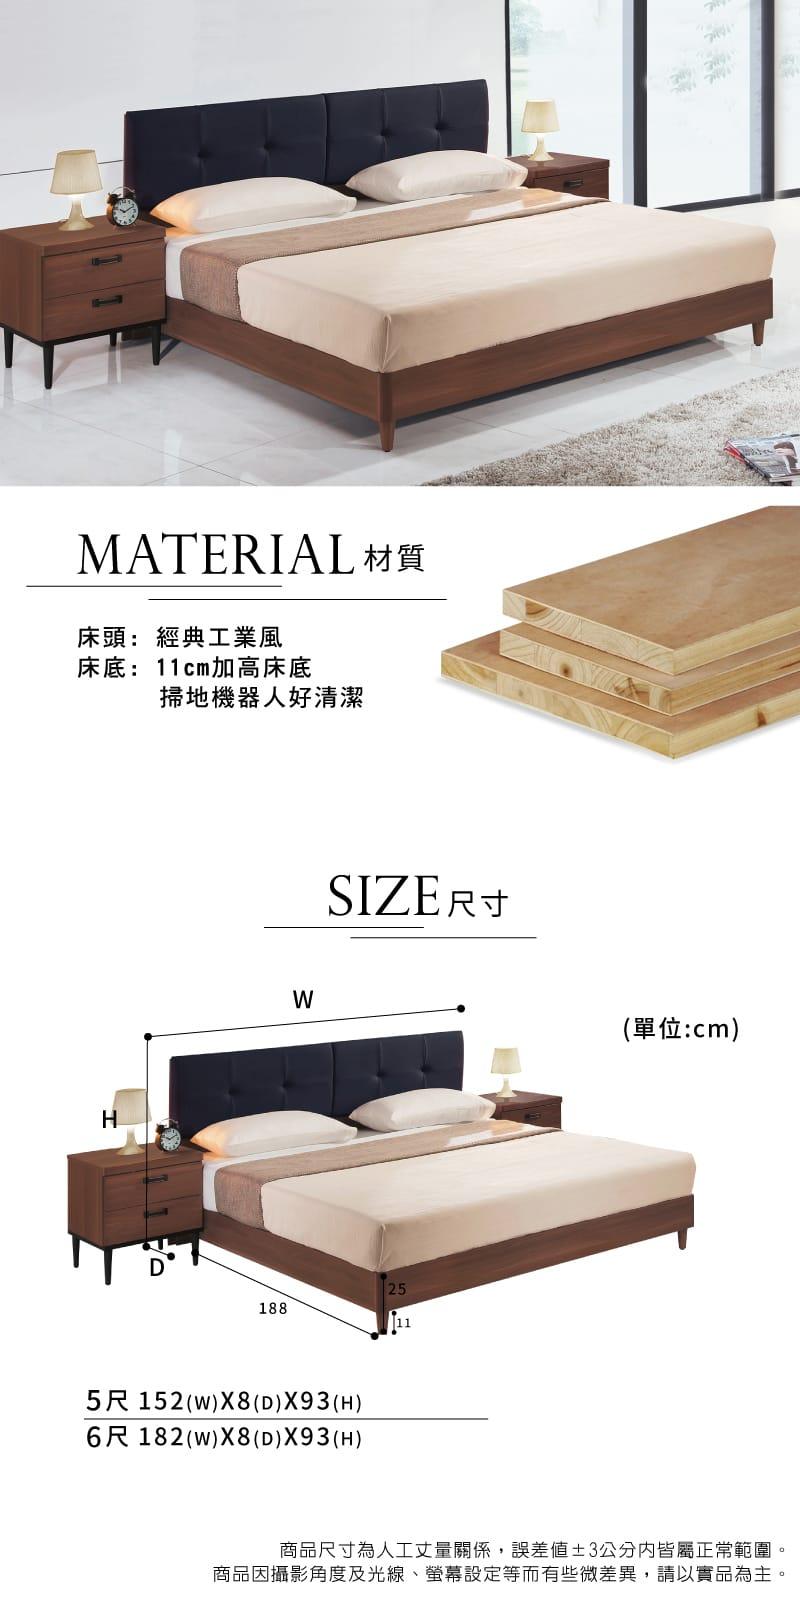 床頭箱片 雙人加大6尺【工業風】